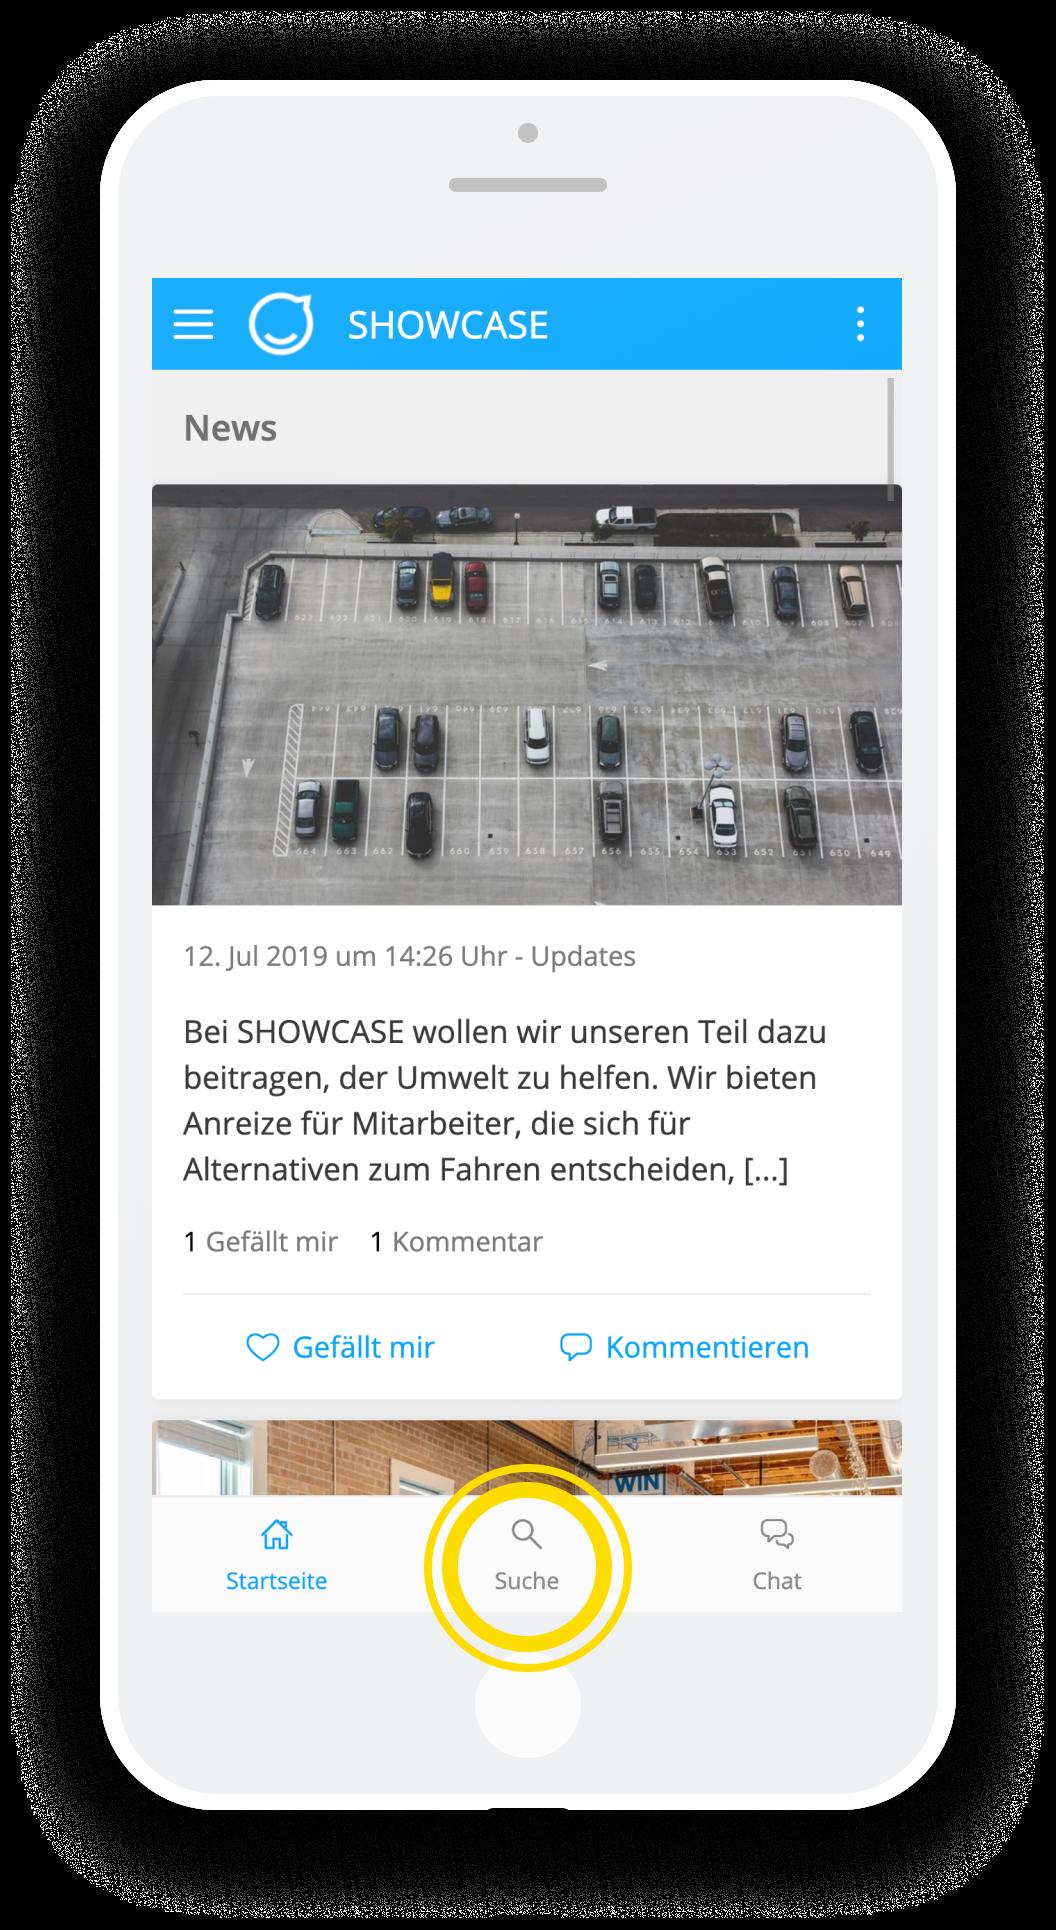 Vorschau_Quicklink_Suche.png